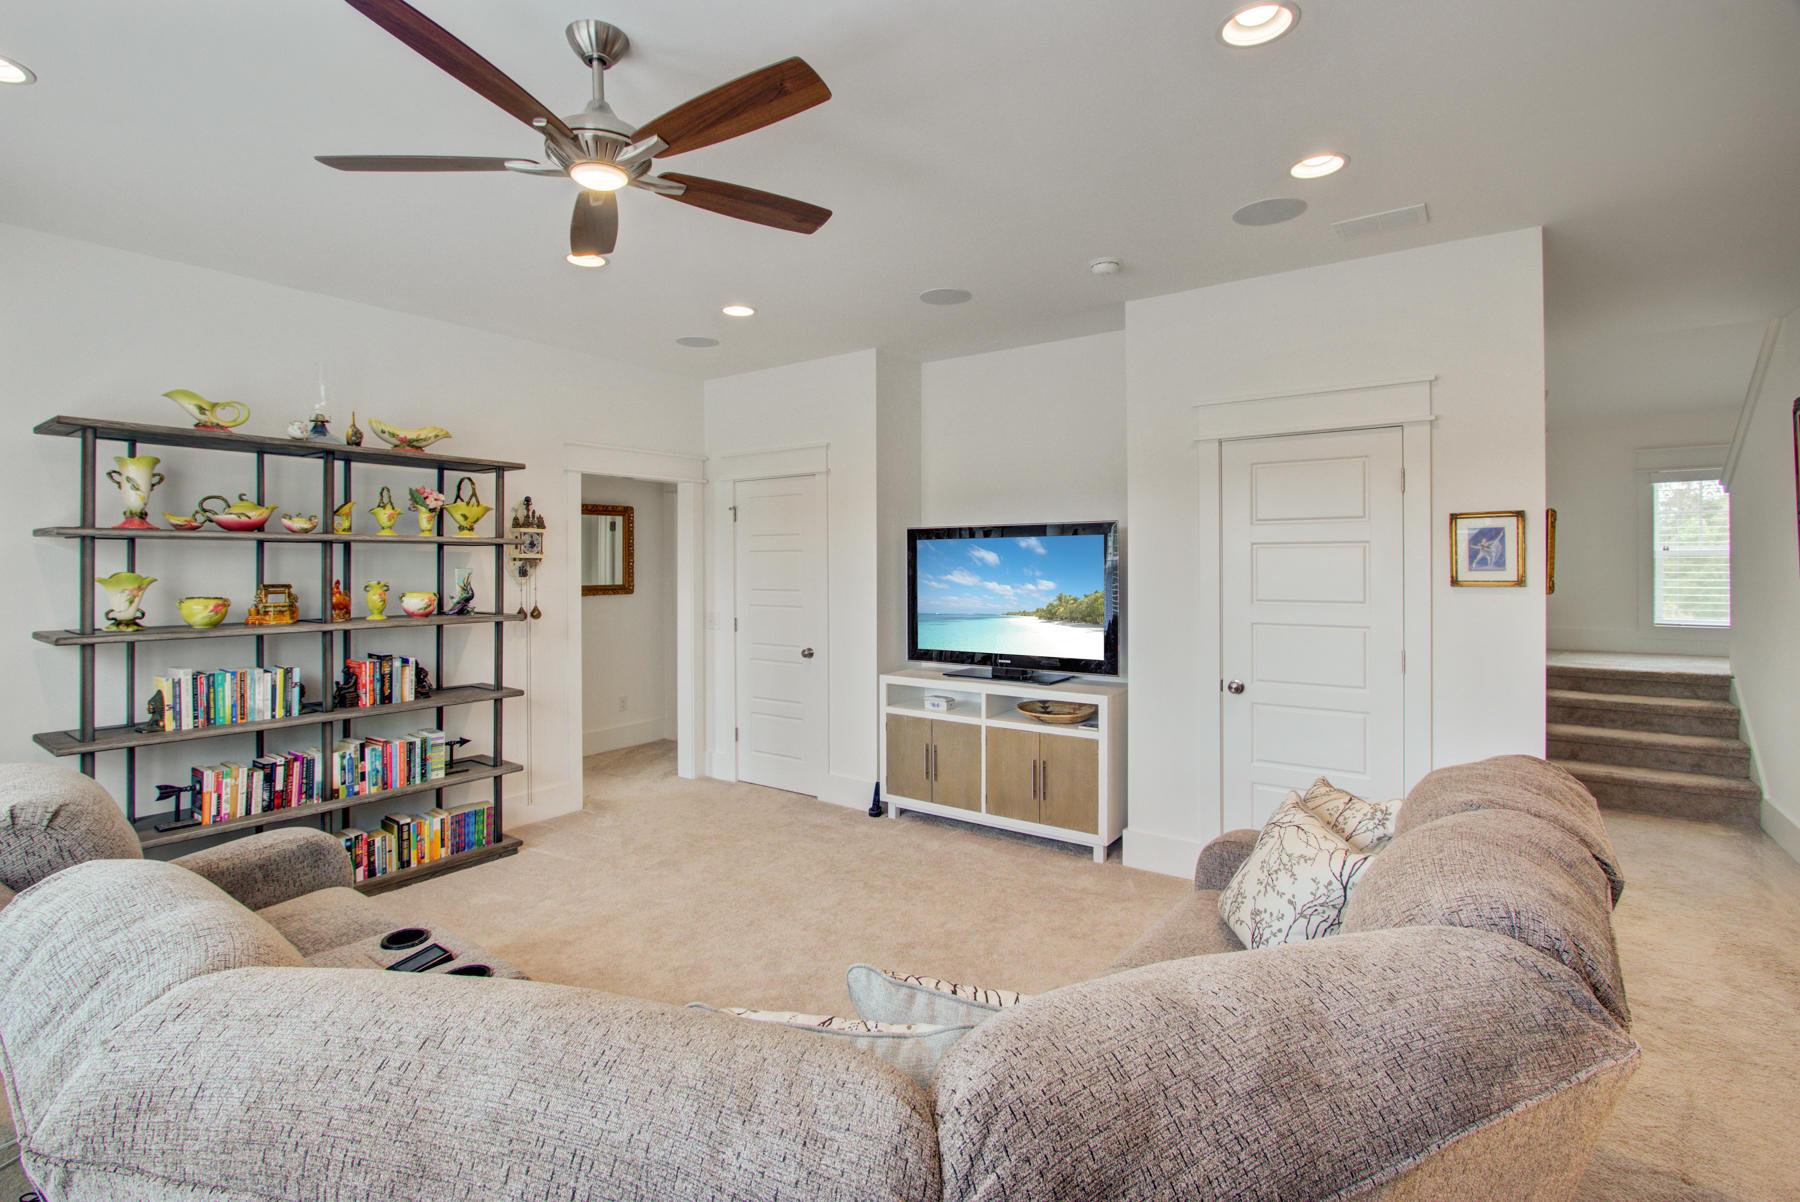 Dunes West Homes For Sale - 2984 Yachtsman, Mount Pleasant, SC - 68